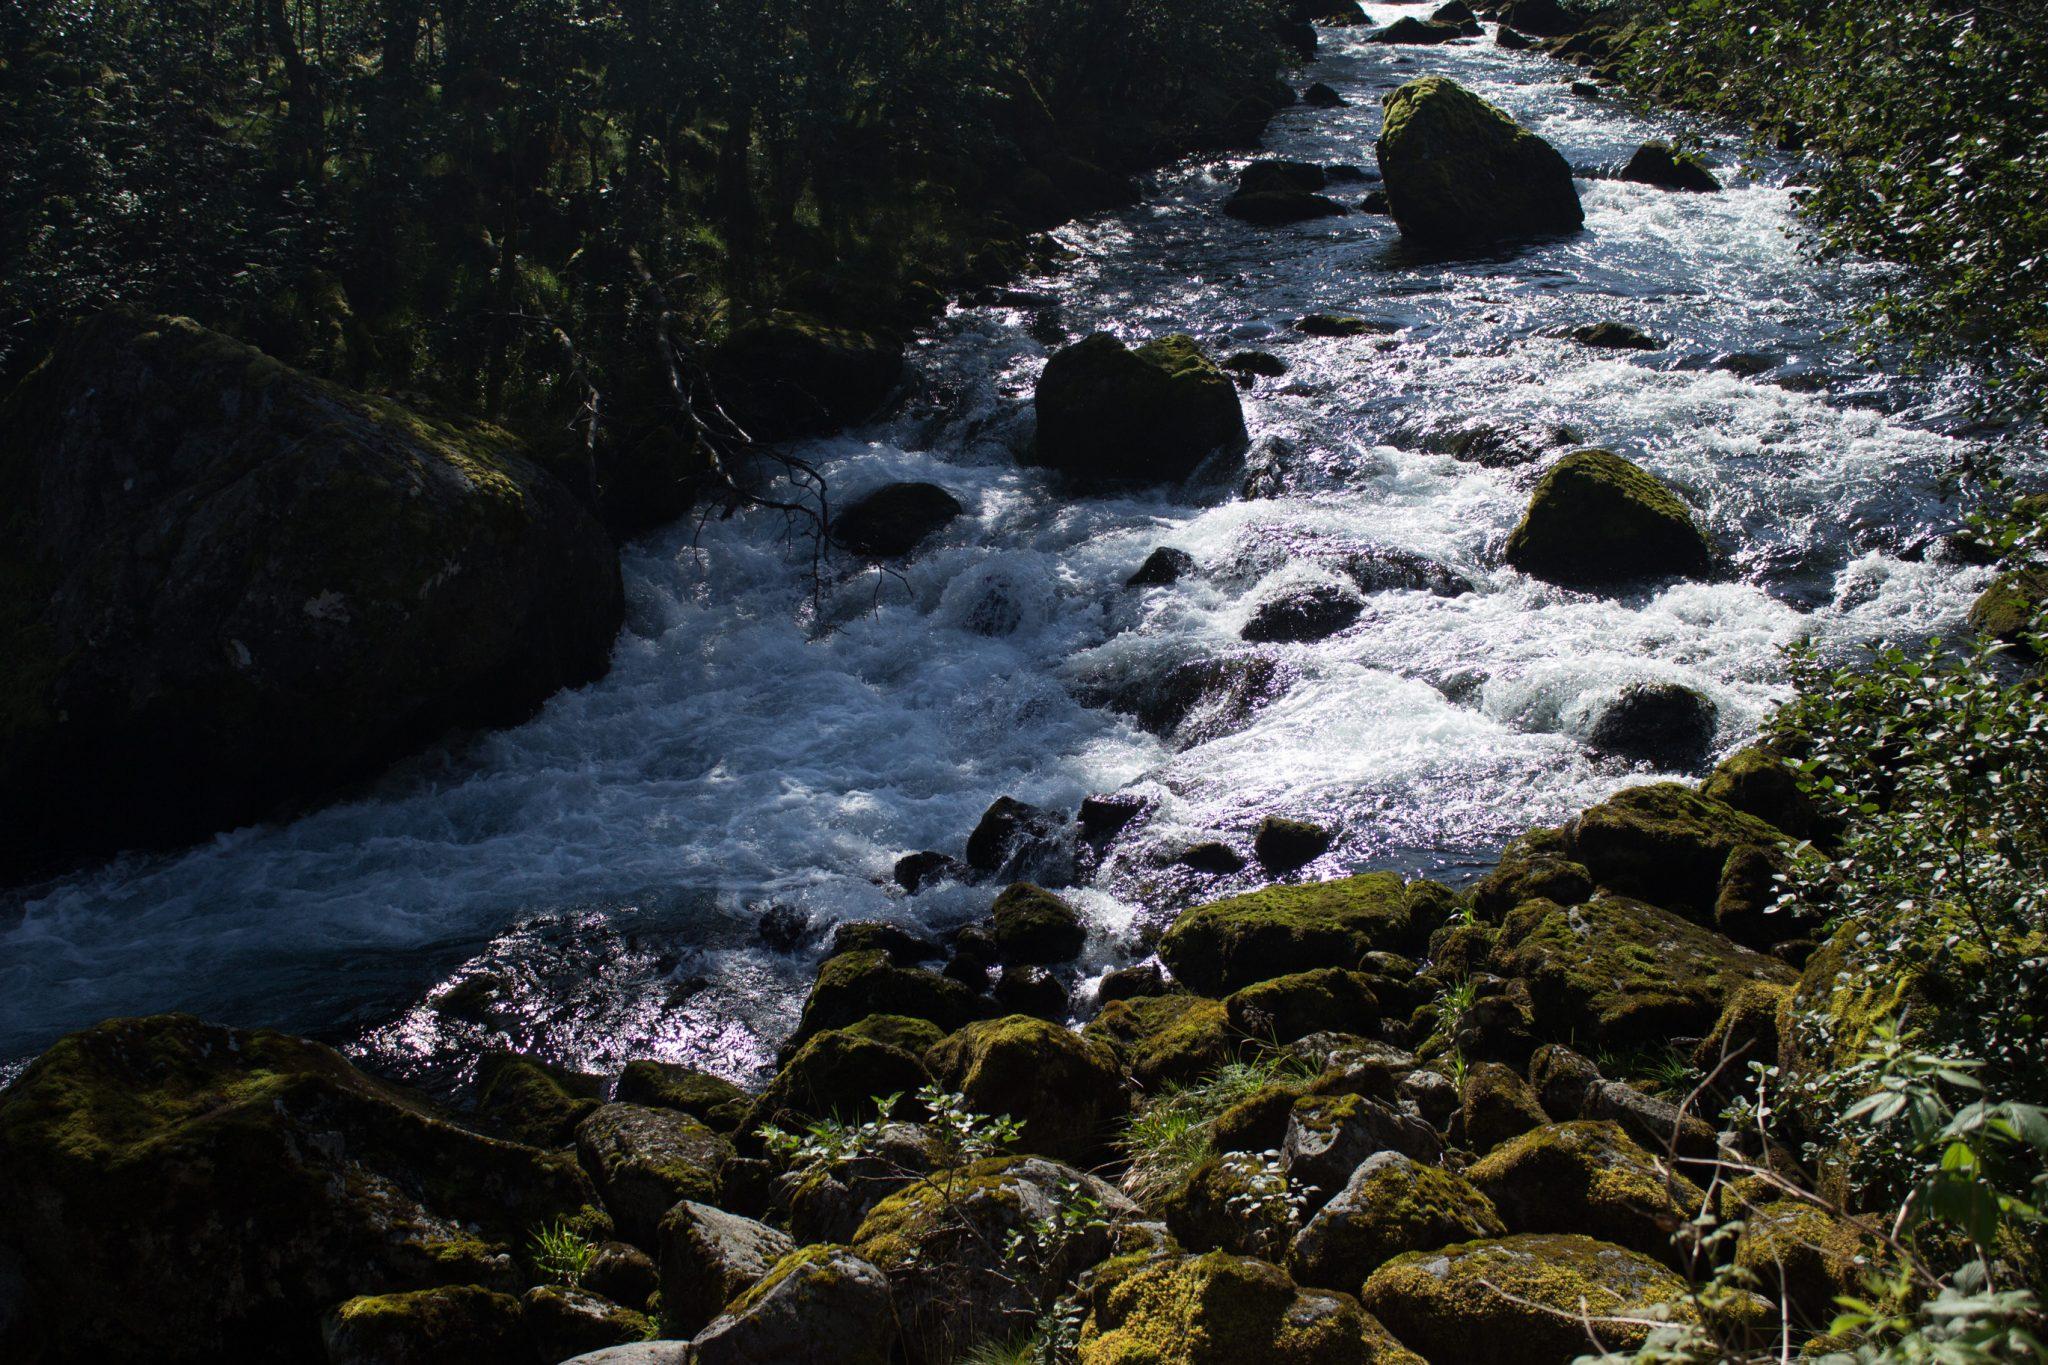 Wanderung vom Ort Sundal bis zum Gletscher Bondhusbreen im Folgefonna Nationalpark, kristallklares Wasser im Fluß, mit Moos bewachsene Steine, Farne